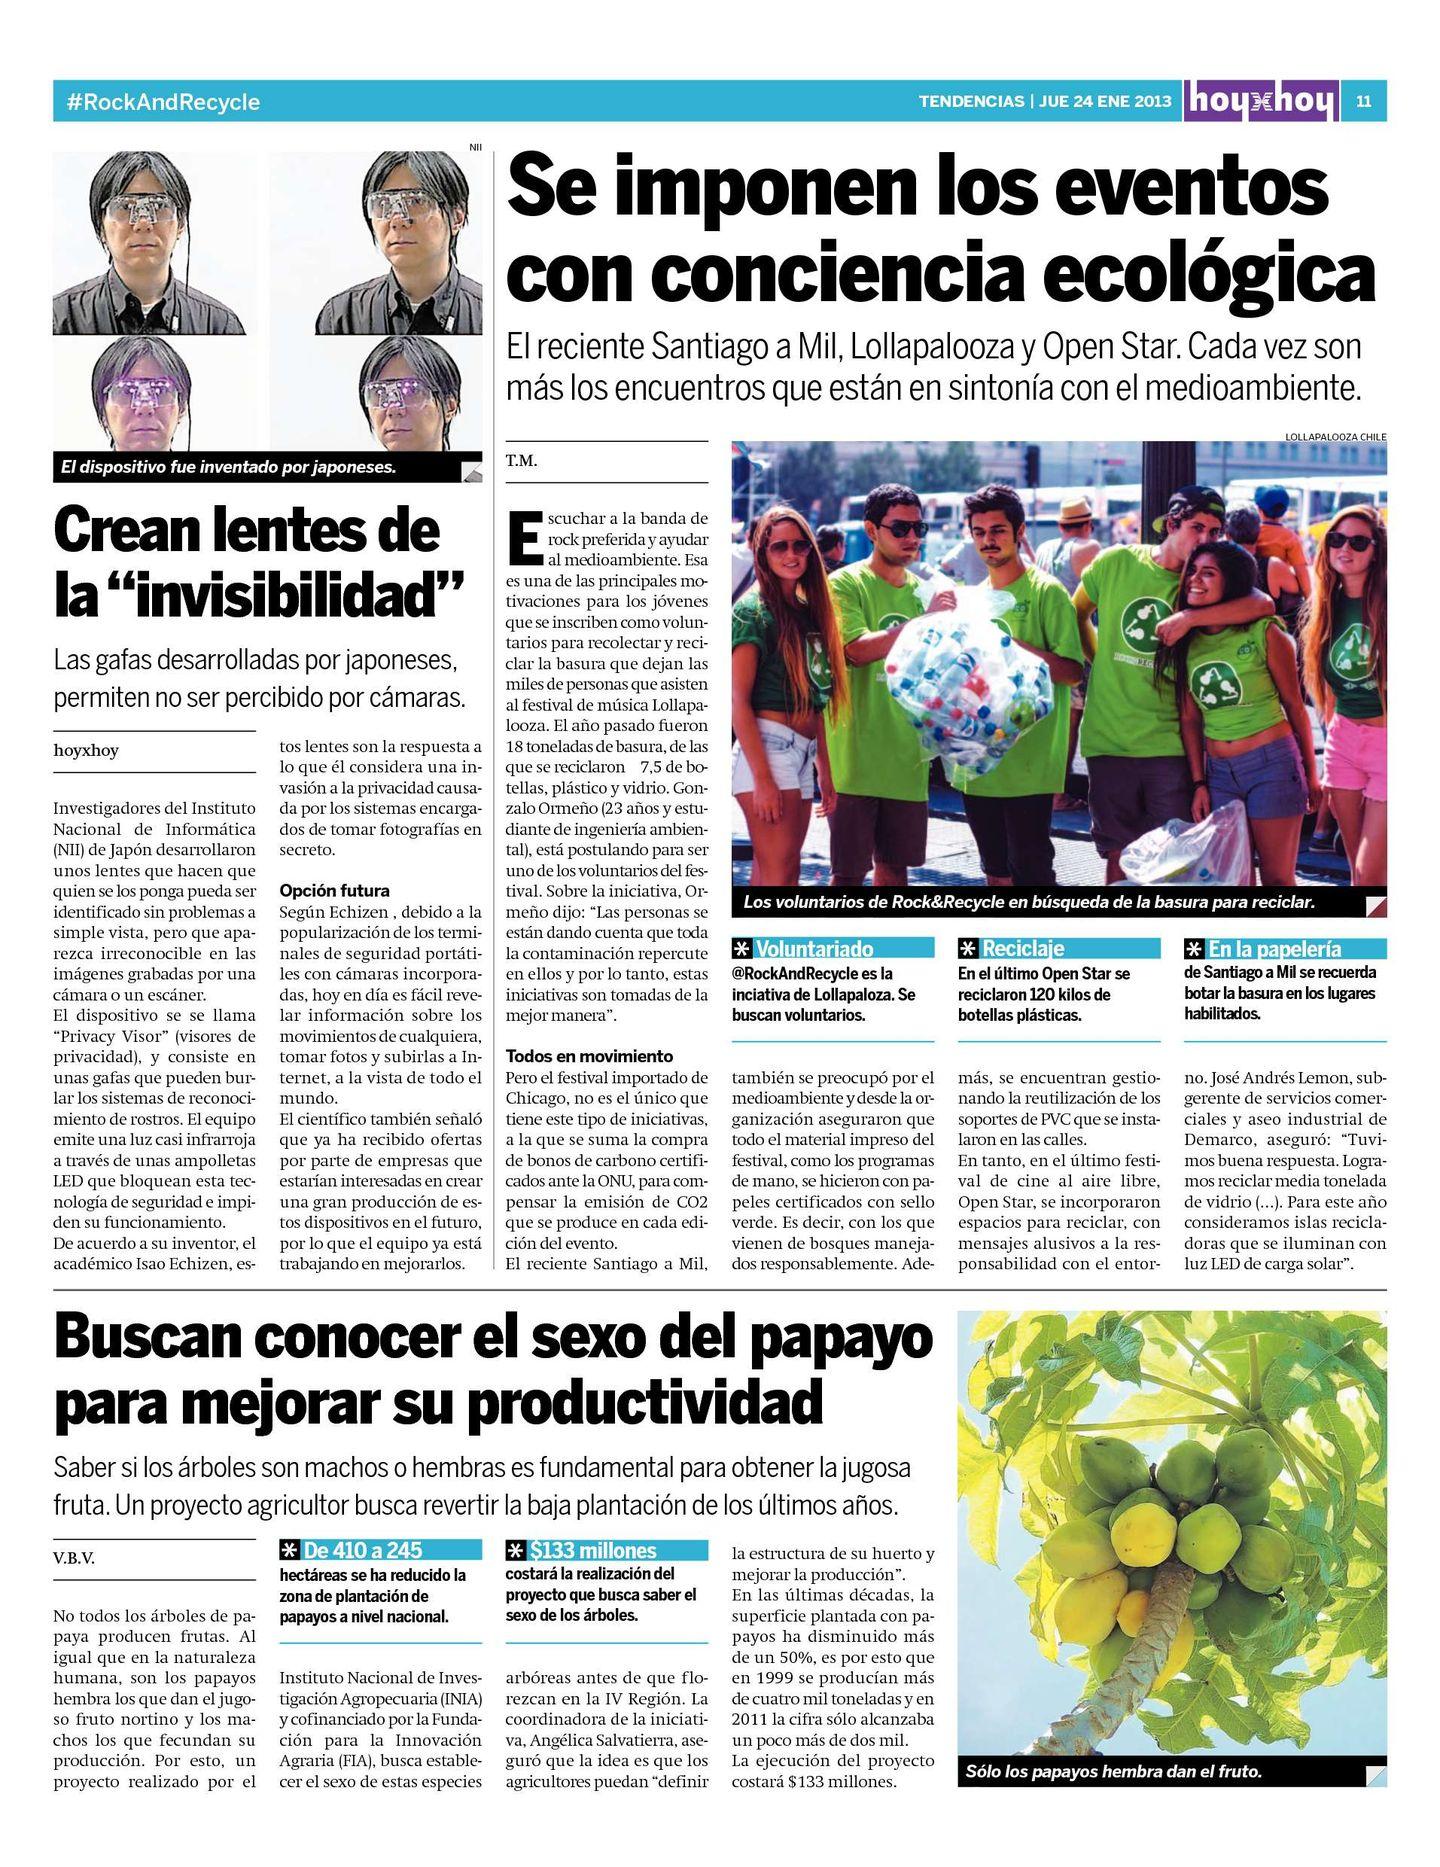 ca8a83b6ac Página 11 | hoyxhoy.cl - HoyxHoy, el diario que no tiene precio - Santiago,  Chile - 24.01.2013